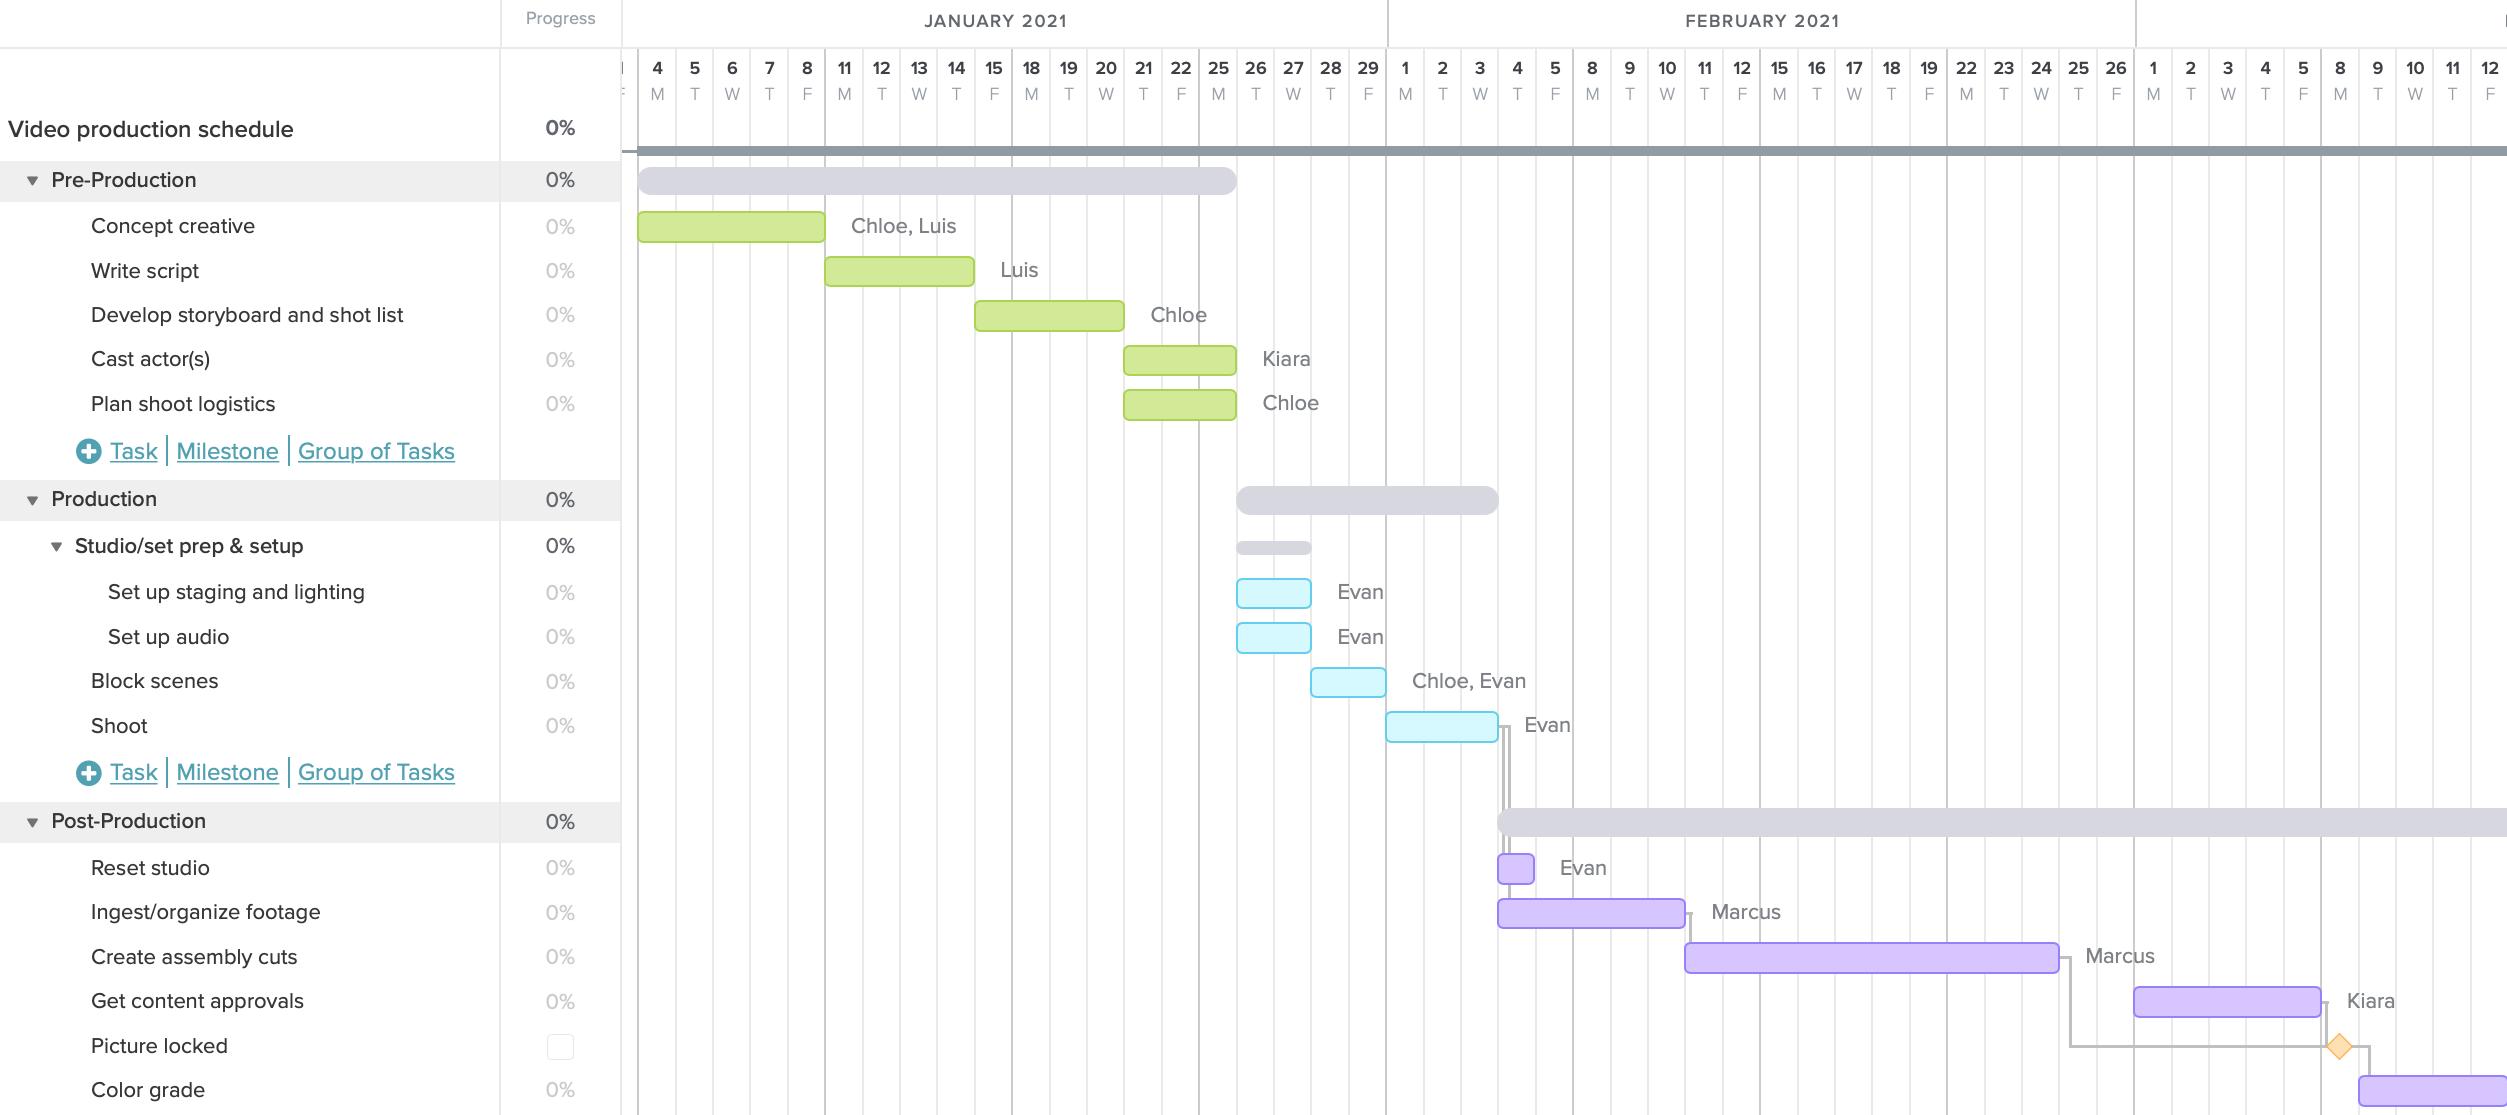 Exemplo de gráfico de gantt de produção de vídeo com tarefas divididas em fases de pré-produção, produção e pós-produção